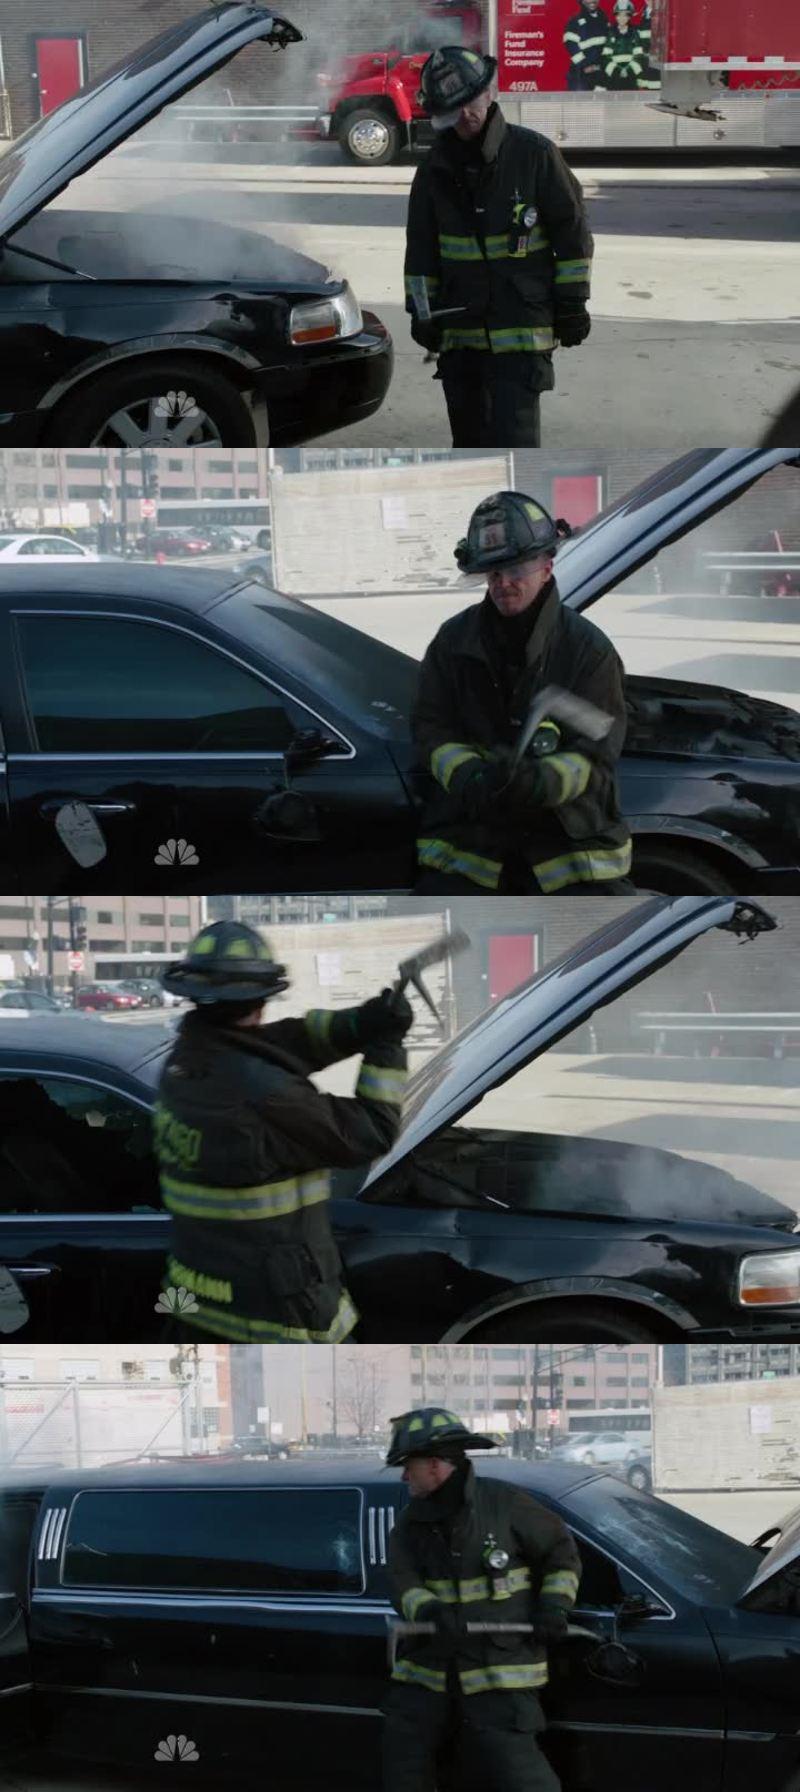 J'ai adoré la scène où Herman défonce la limousine.